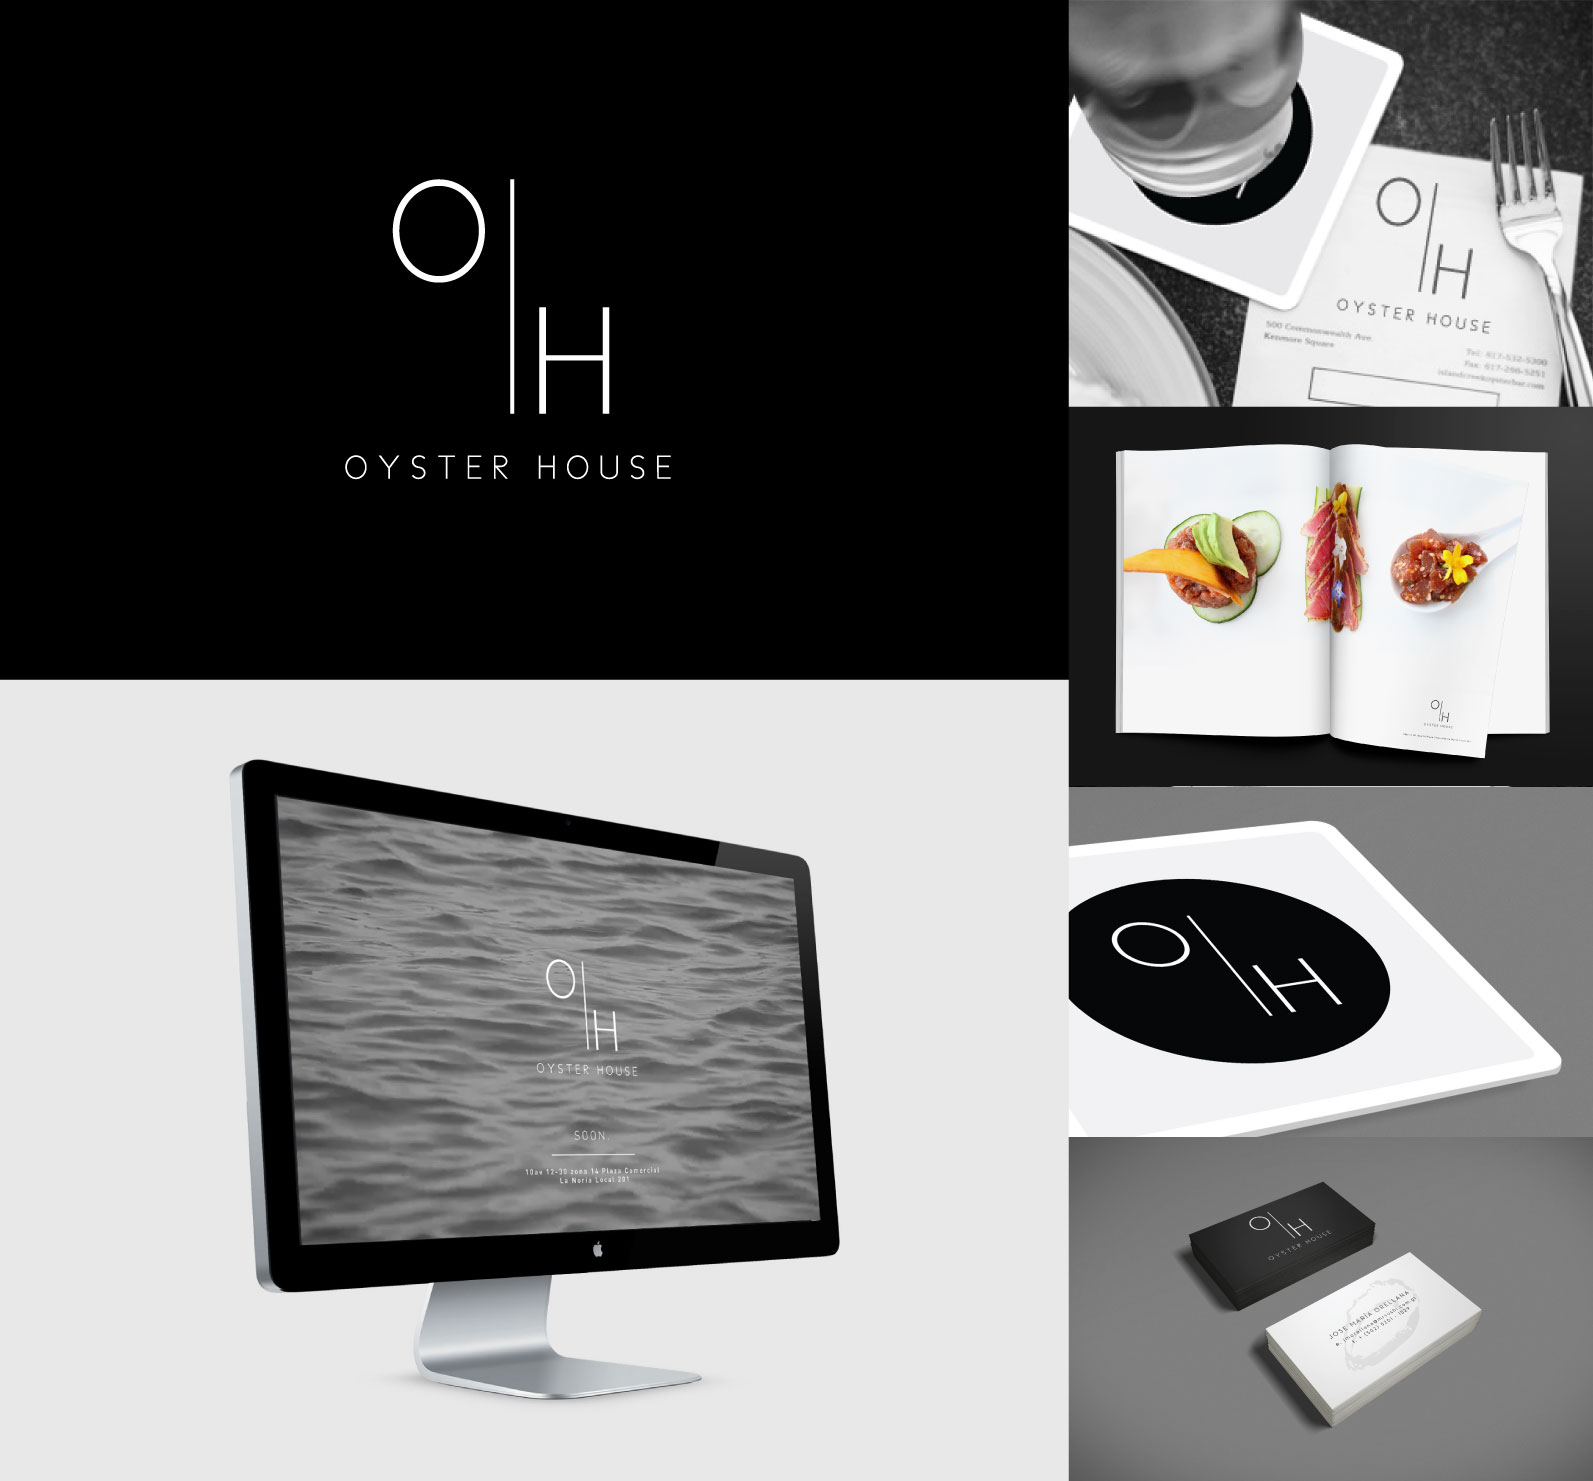 oyster_house_cs4_03